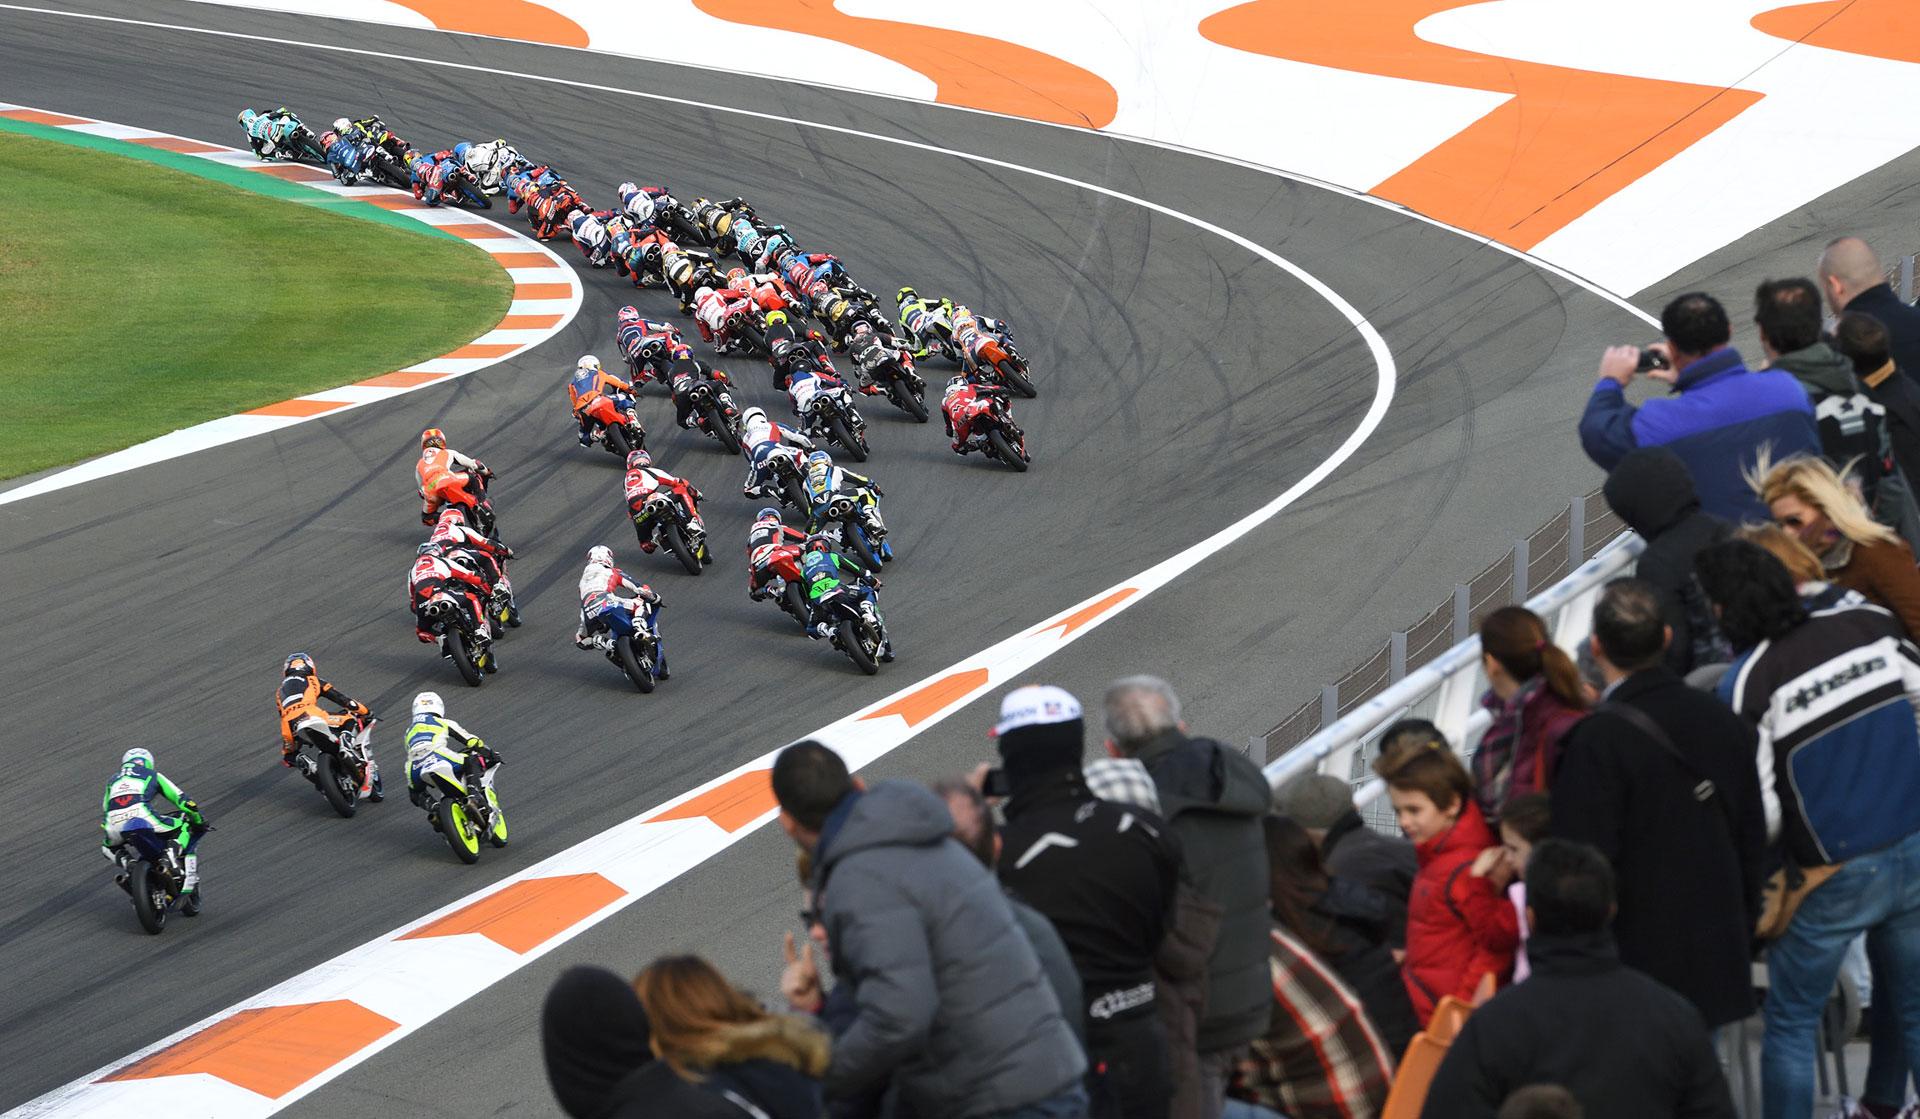 FIM CEV Repsol Valencia Rnd Moto Start